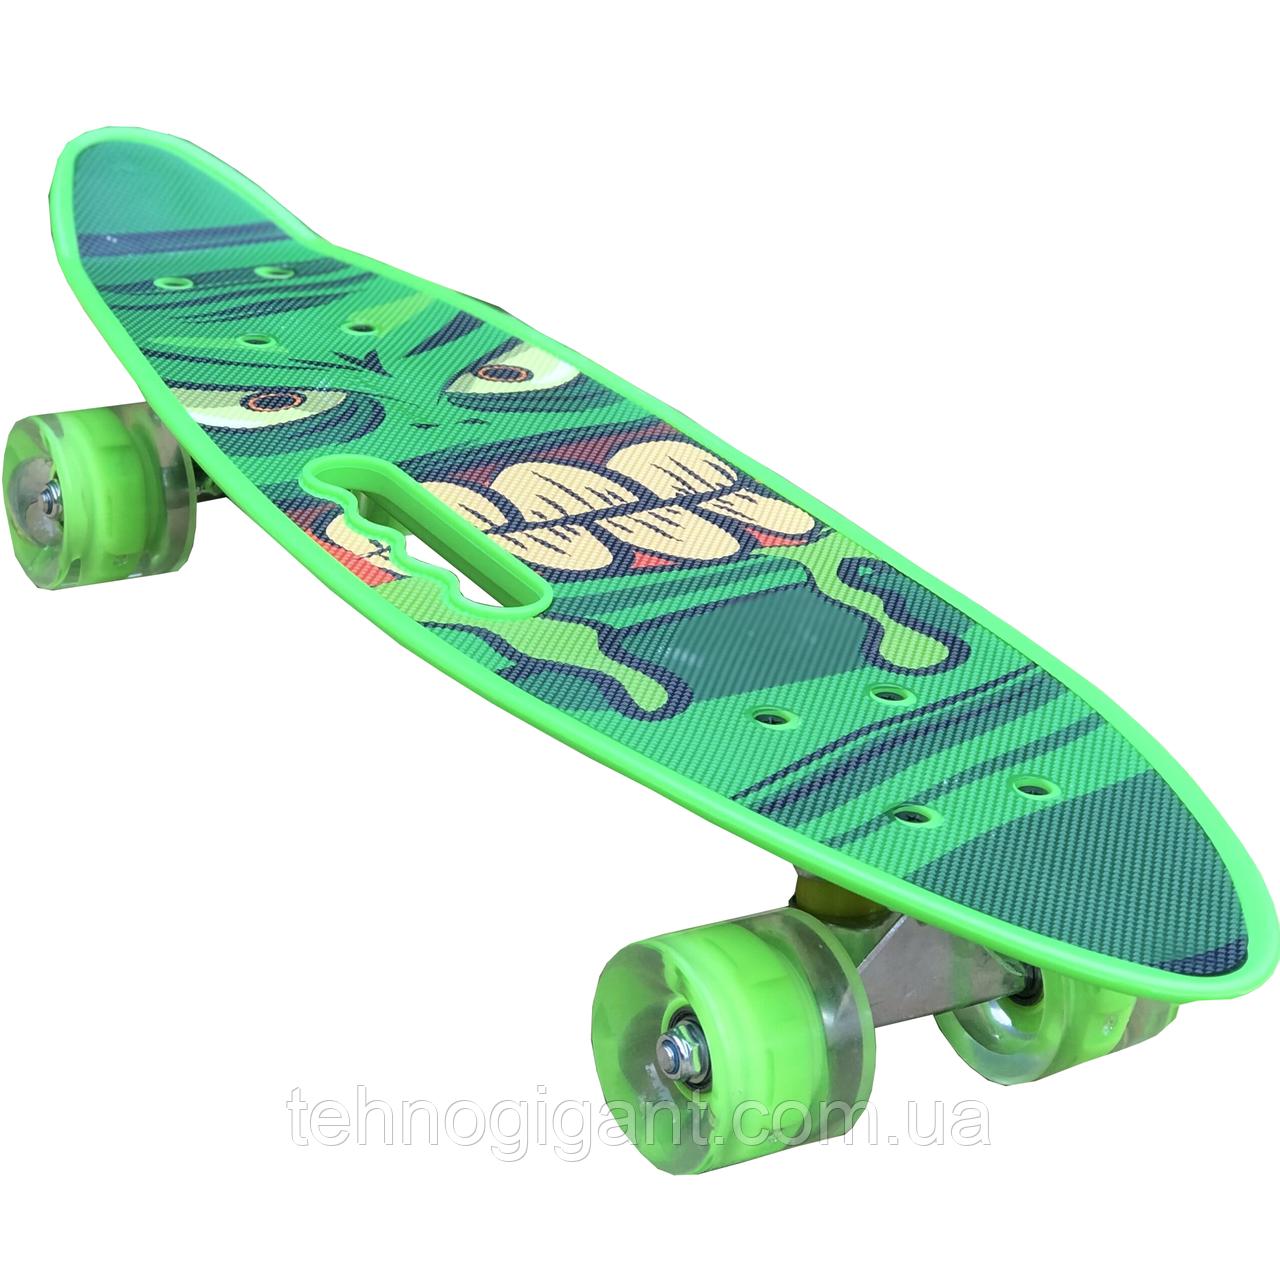 Скейт Penny Board, із широкими світлими колесами і ручкою, Пенні борд, дитячий ,від 5 років, Зелений